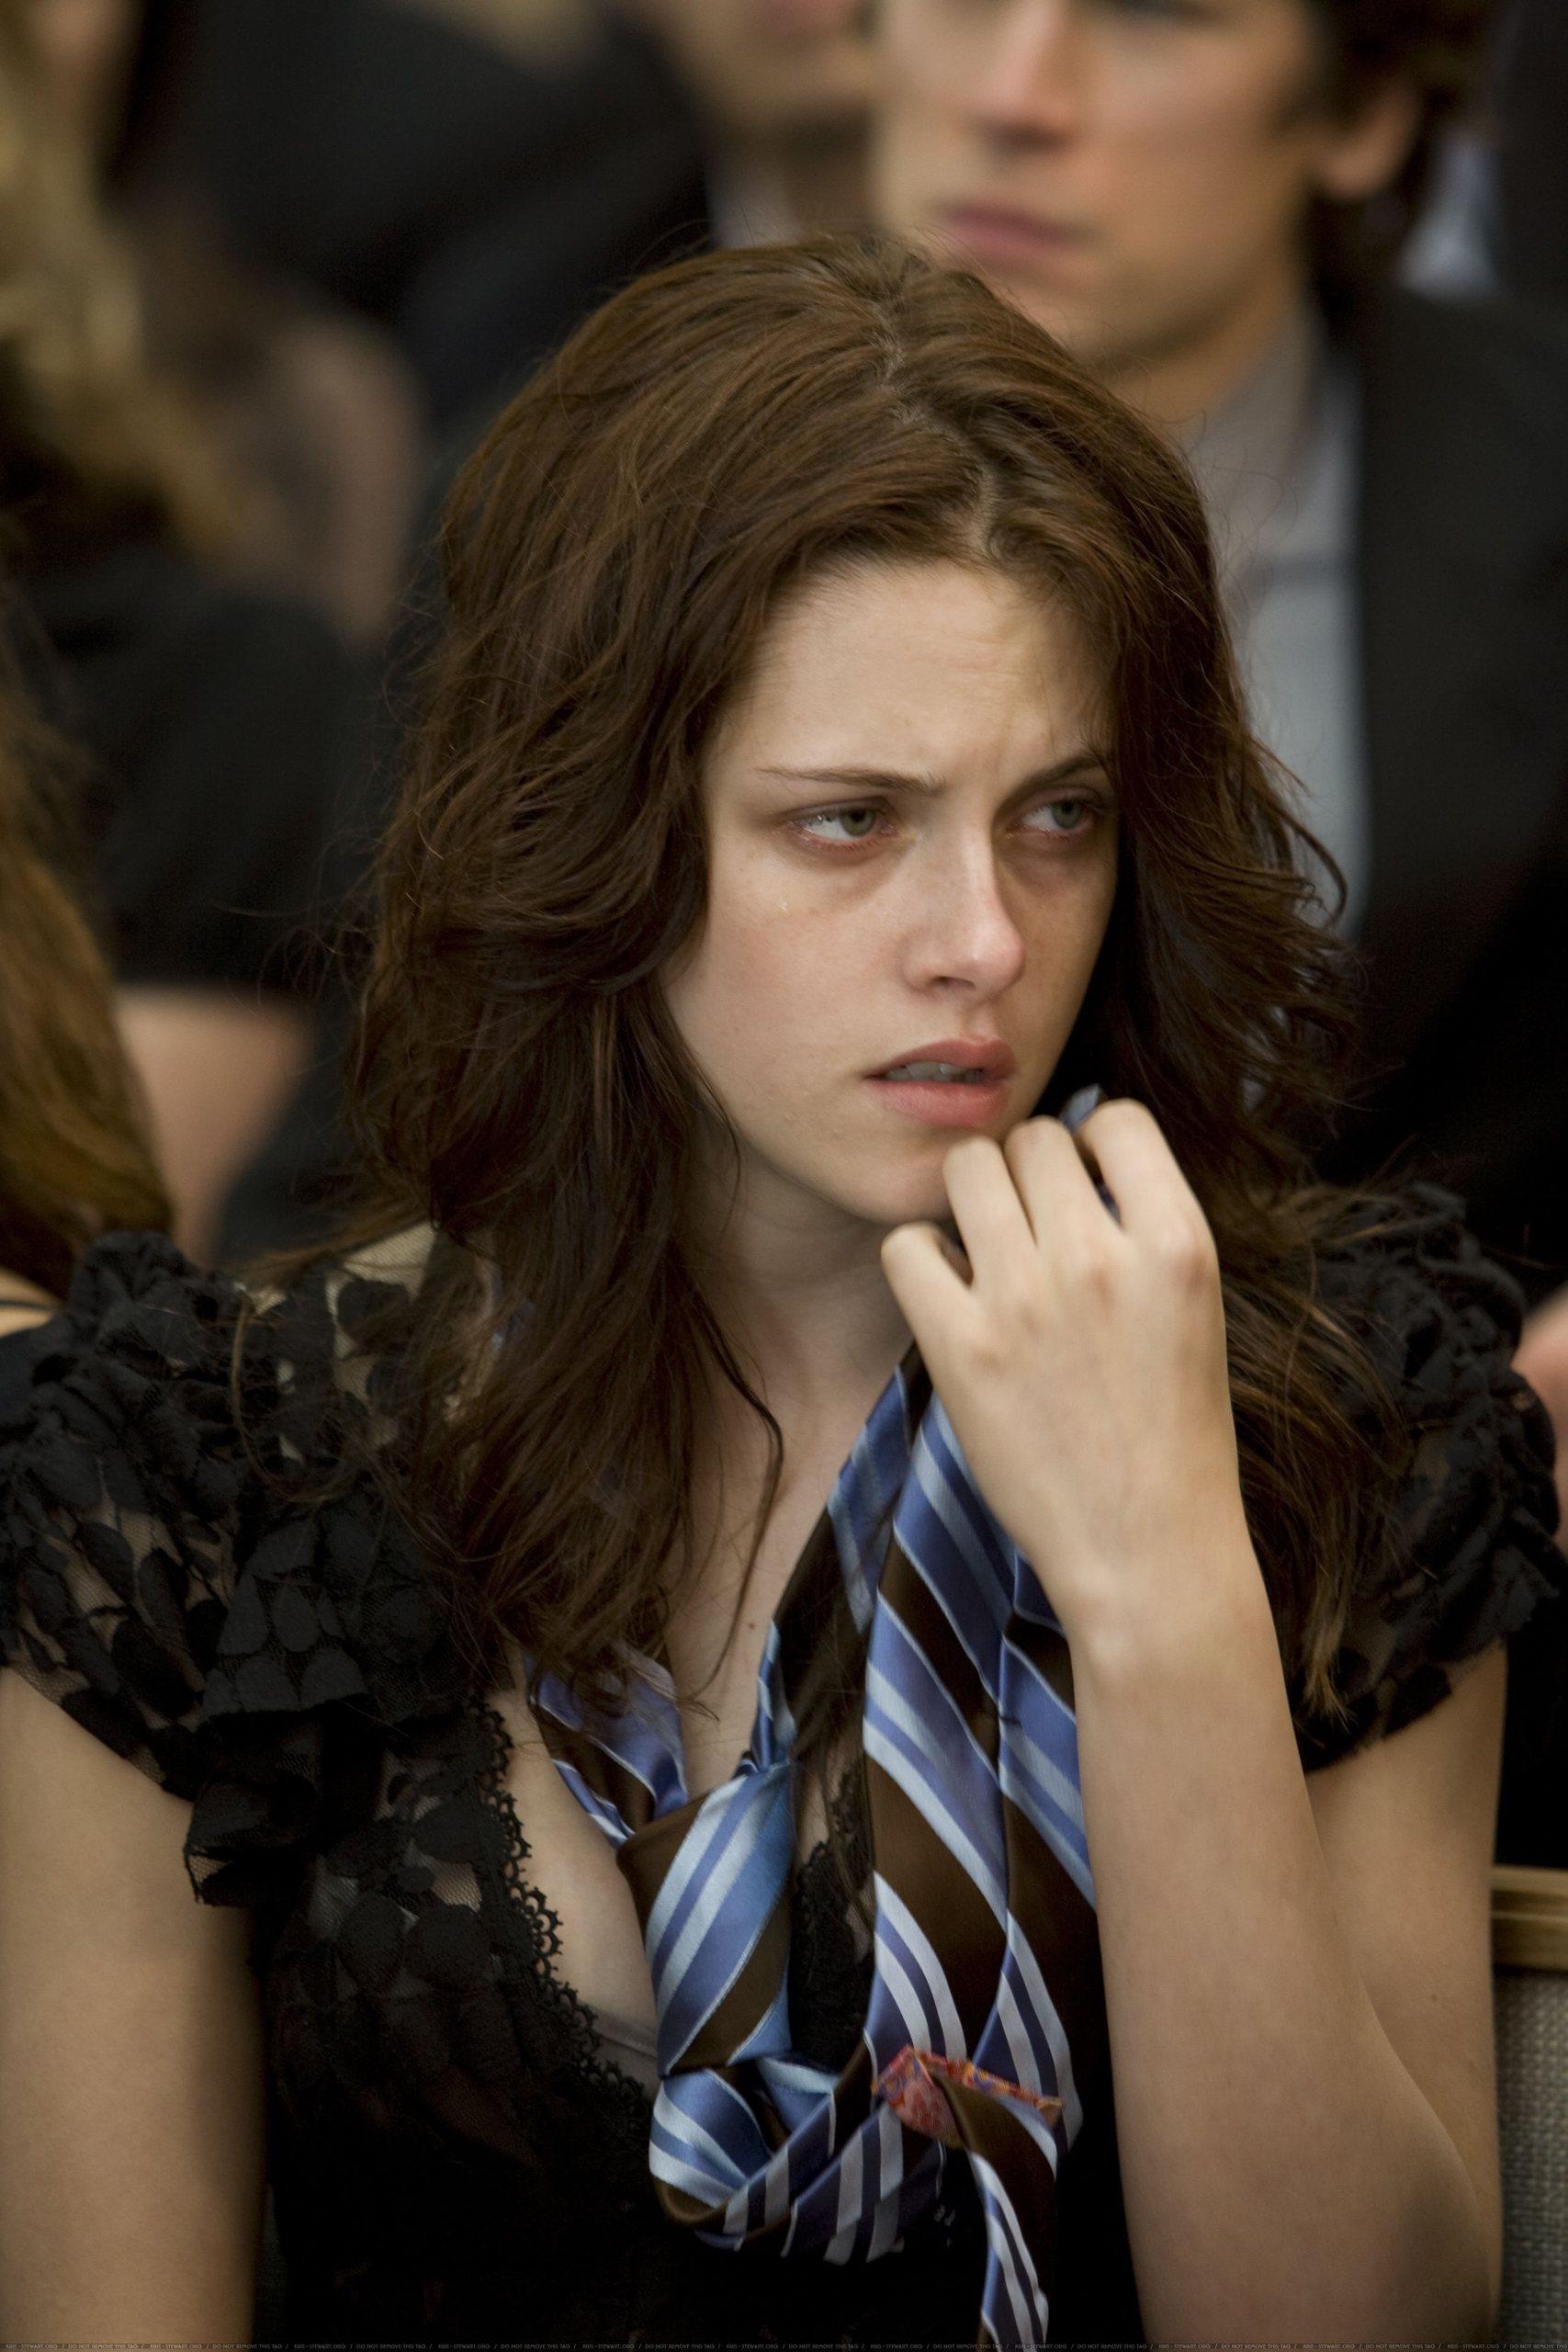 What Just Happened?,promo Stills - Kristen Stewart Photo